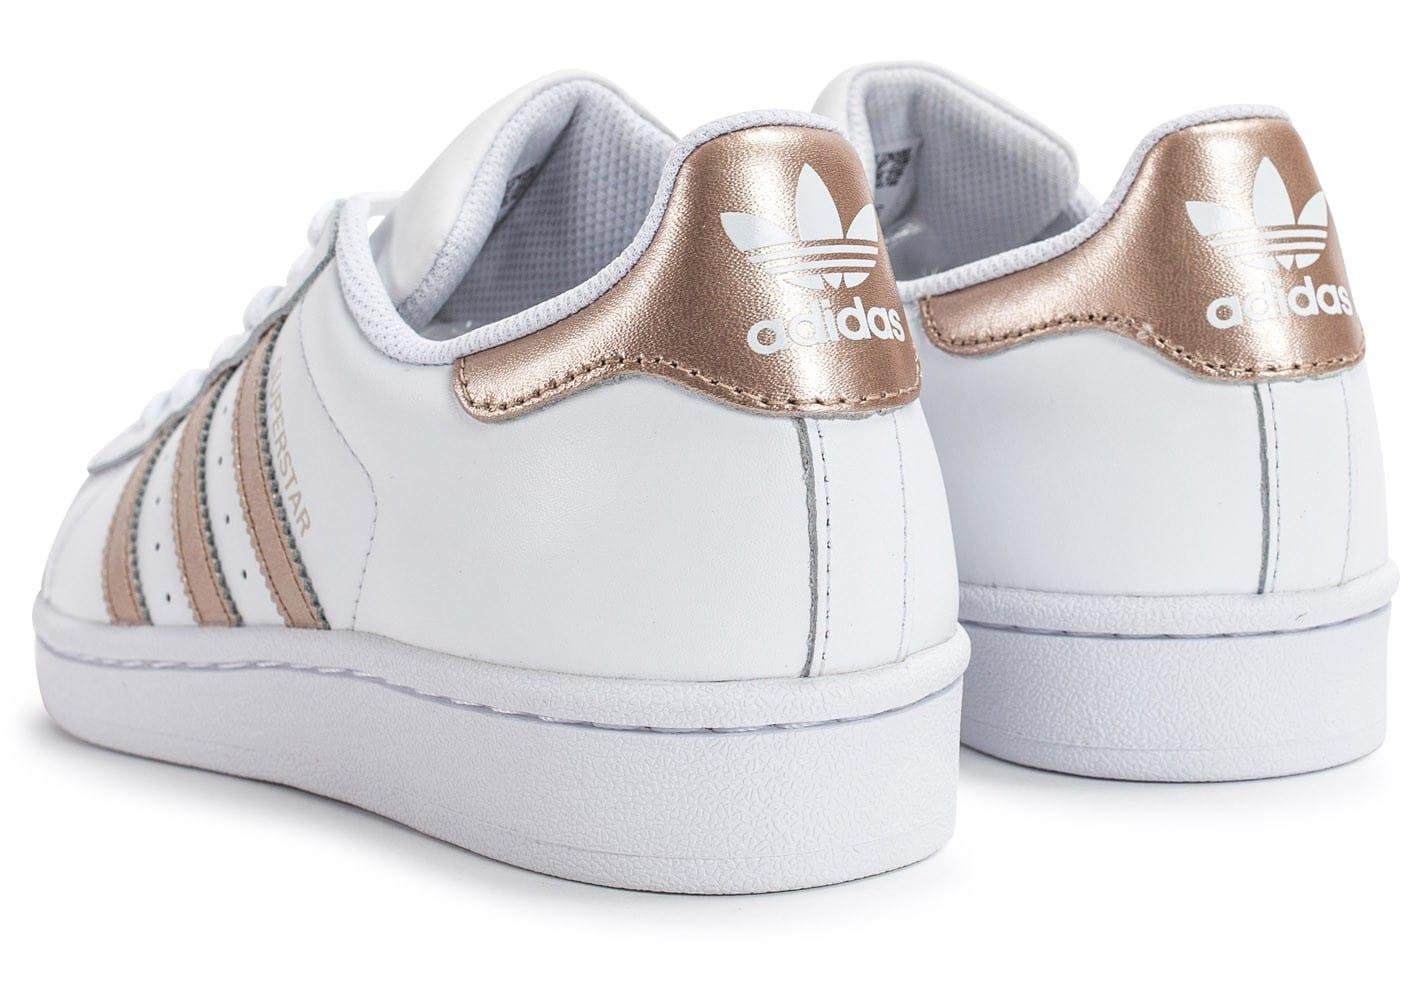 adidas superstar femme rose gold pour des sorties bon marché